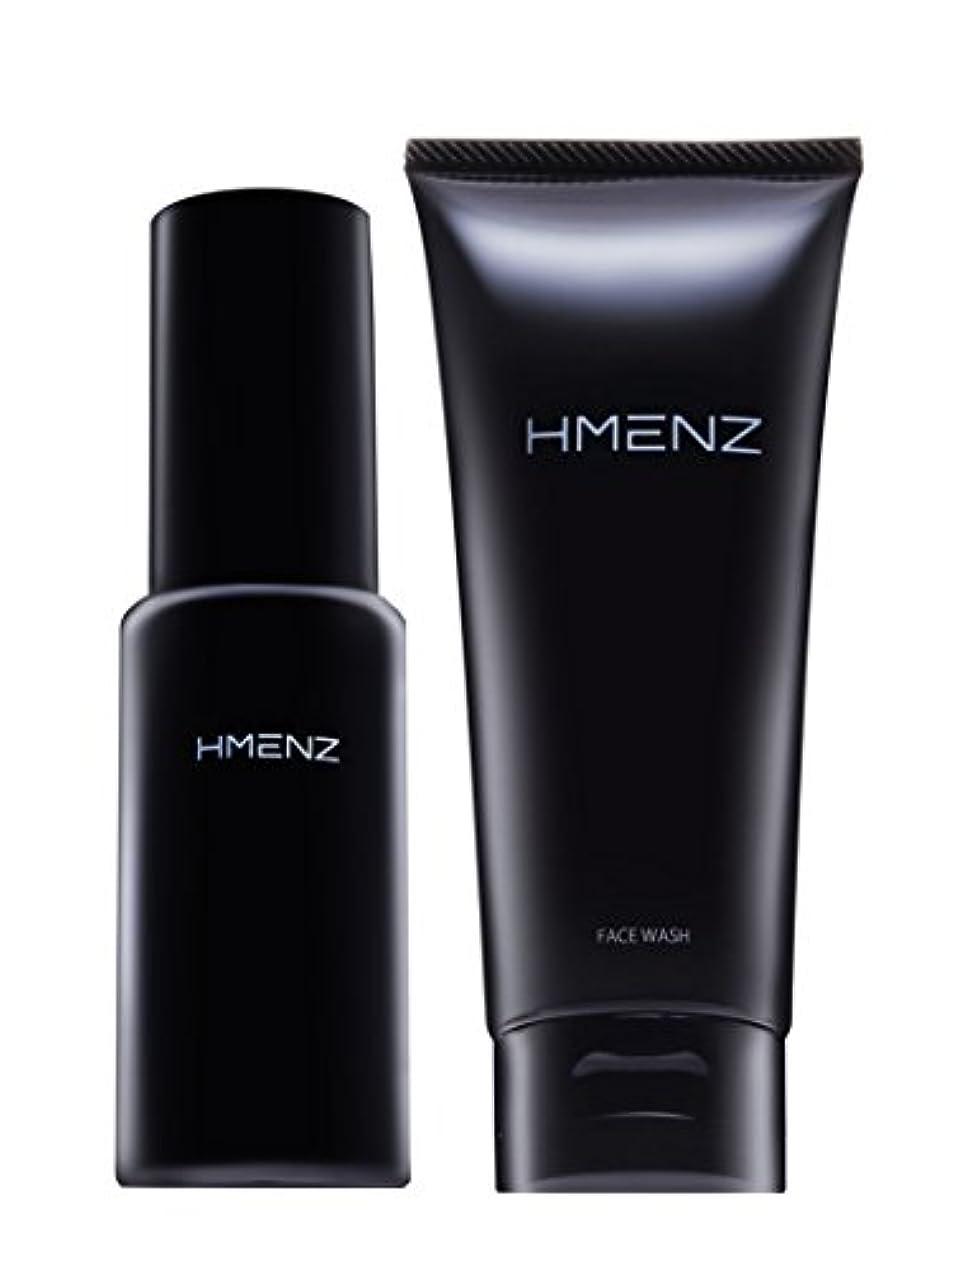 ミュウミュウ乗ってスクラップ医薬部外品【 スキンケア セット 】HMENZ メンズ 洗顔 & 美容液 乾燥肌 対策 保湿 (無添加 シミ対策 ニキビ対策 エイジングケア) 洗顔 オールインワン ジェル 100g&50ml